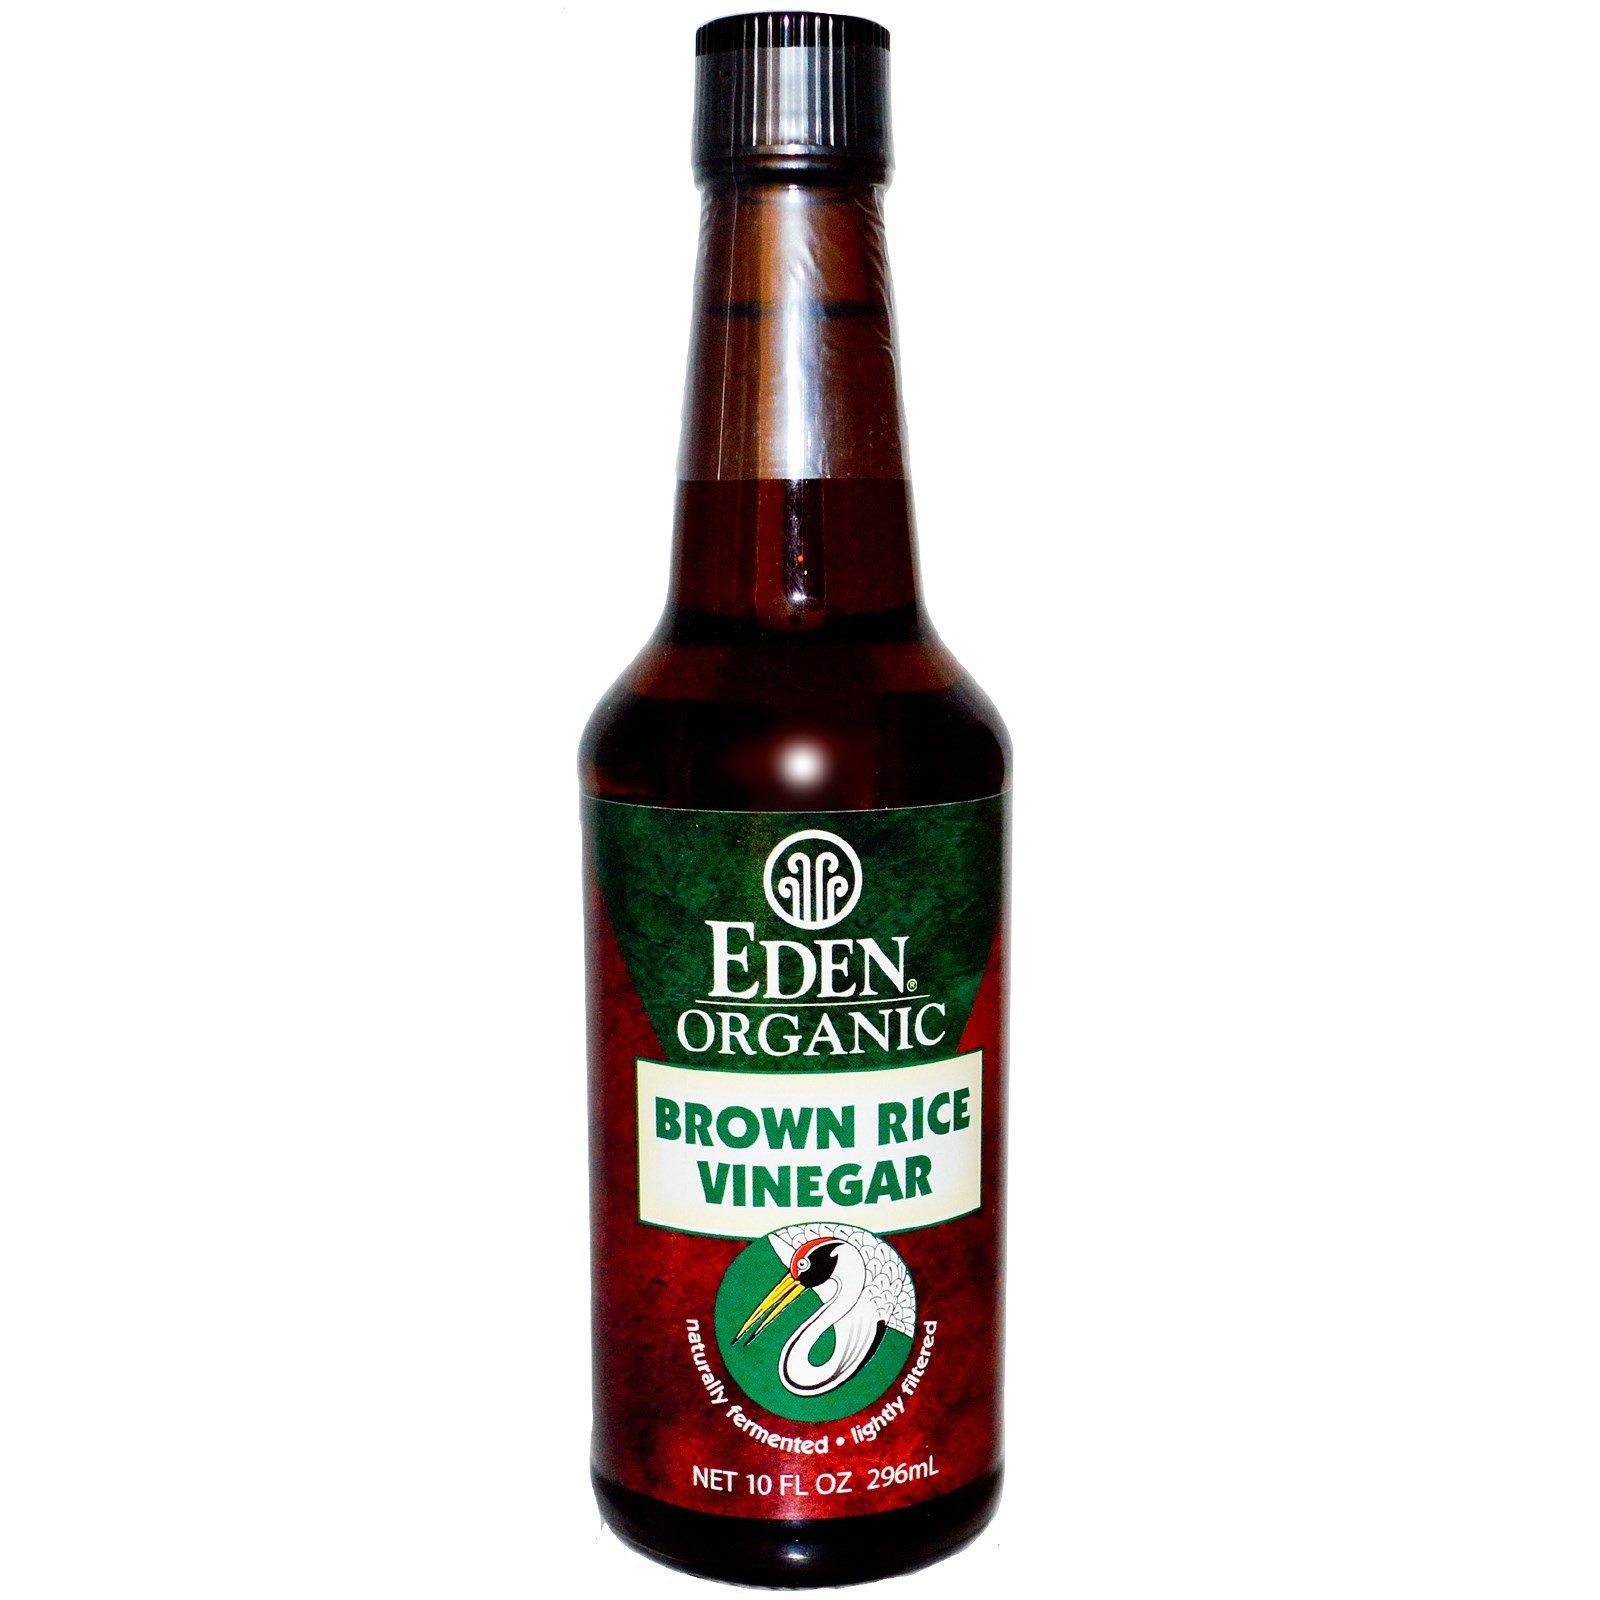 Eden Foods, Organic, Brown Rice Vinegar, 10 fl oz (296 ml) - 2pc